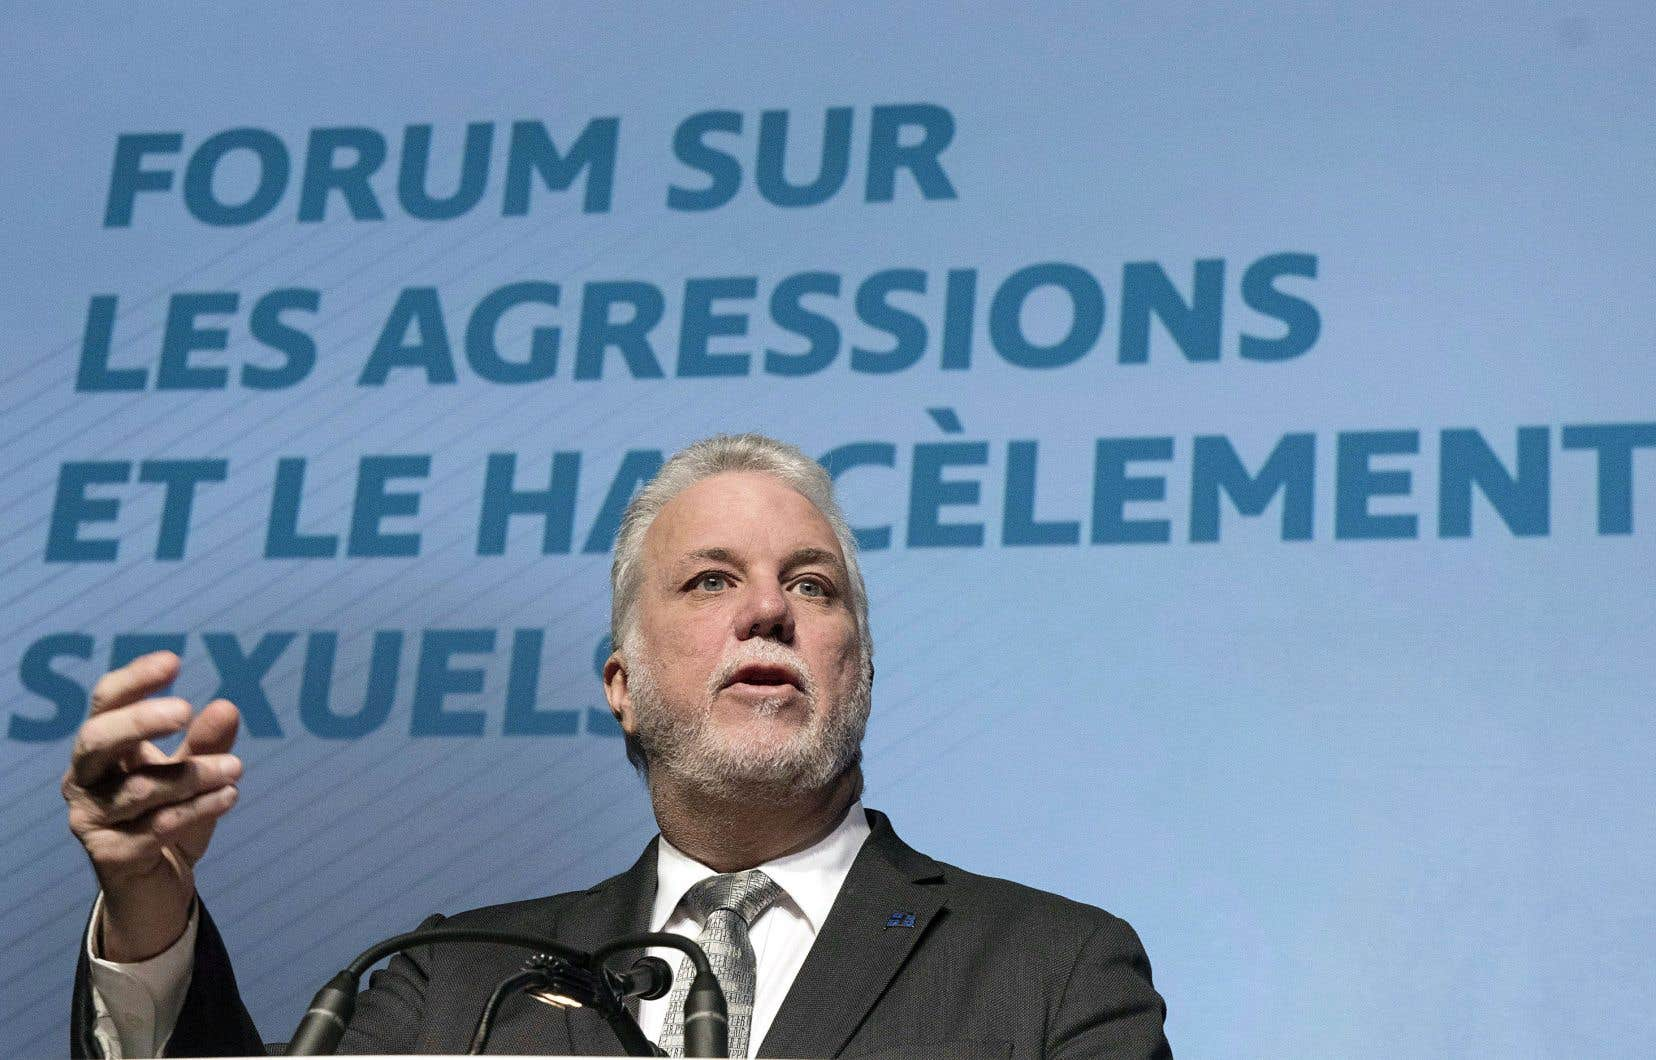 Le premier ministre Philippe Couillard était lui-même présent au forum.